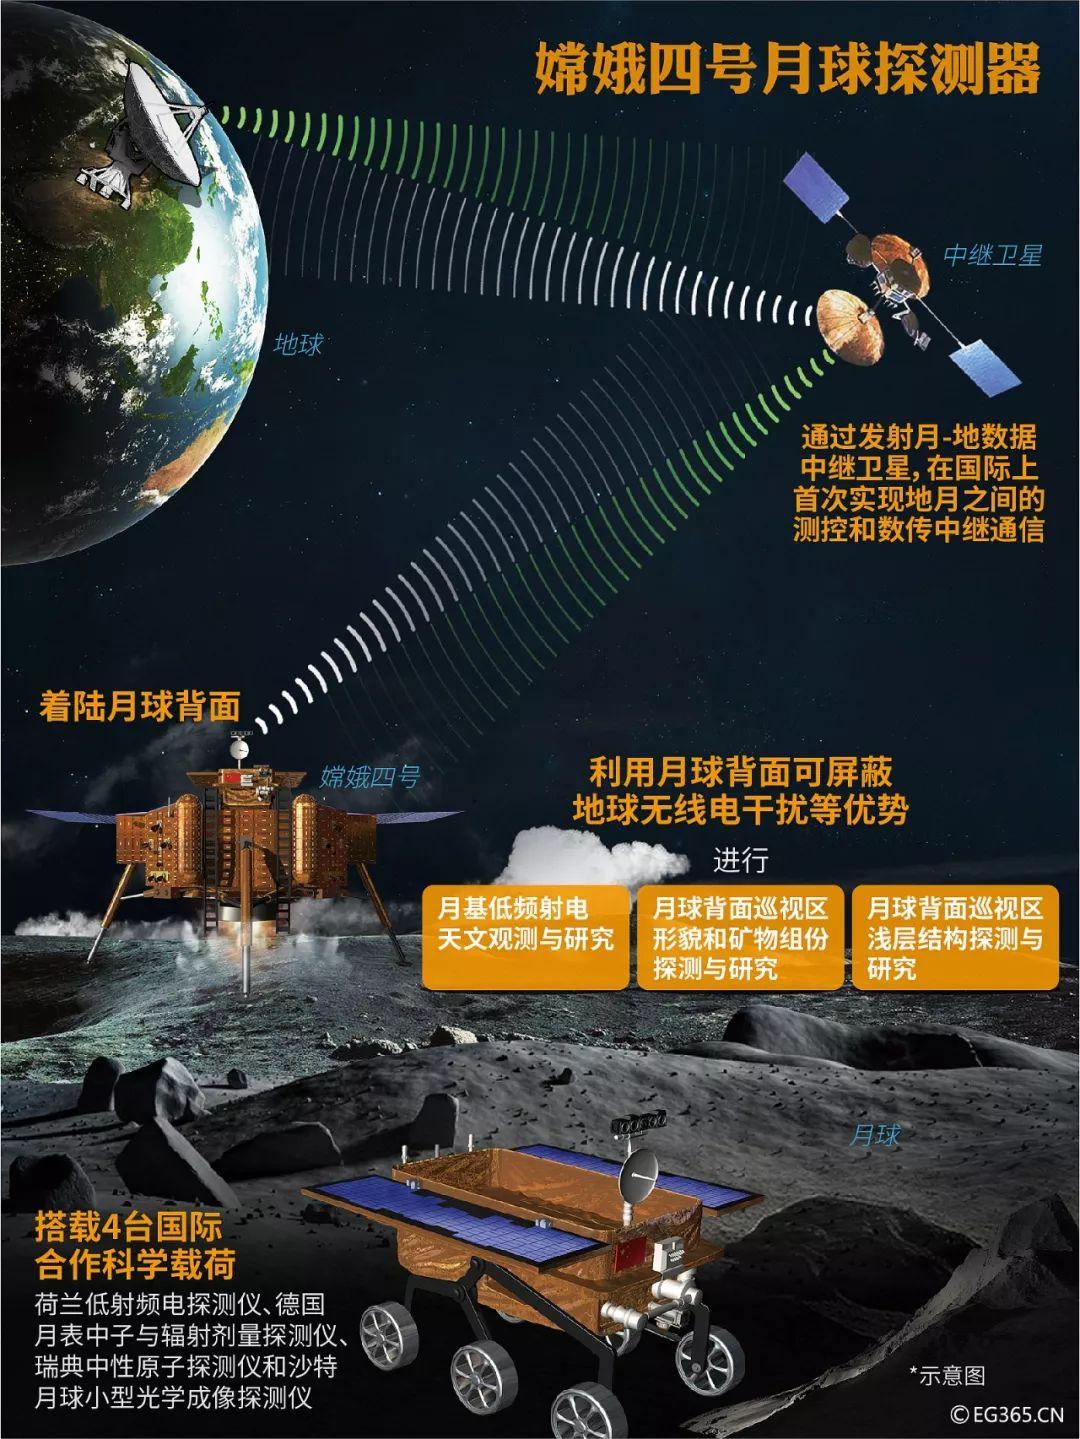 中国2030年或实现载人登月 下一目标:送人到火星说出我的秘密